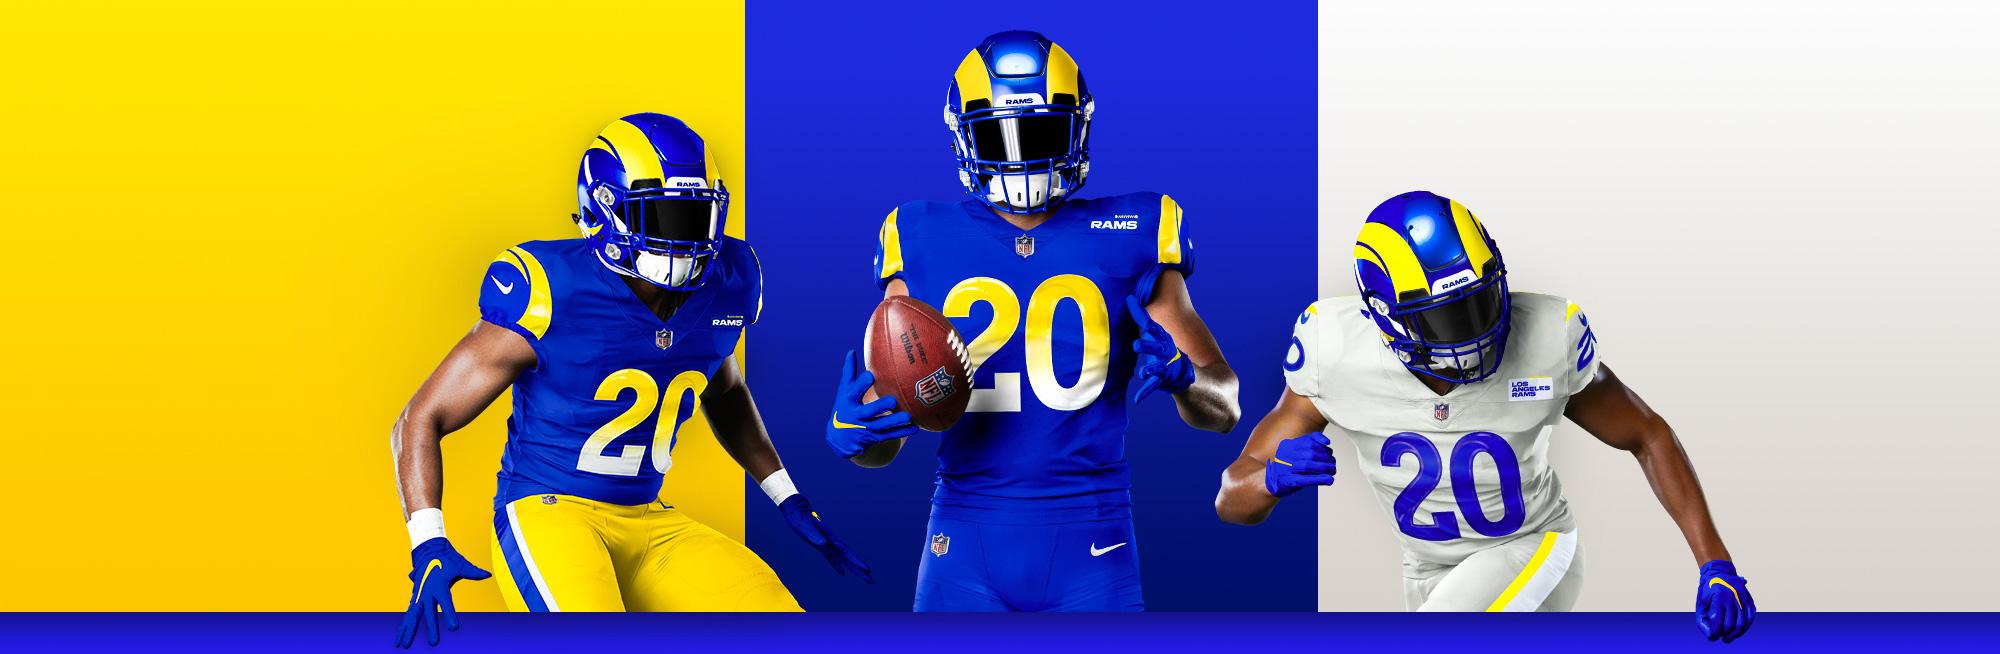 Los Angeles Rams New Look